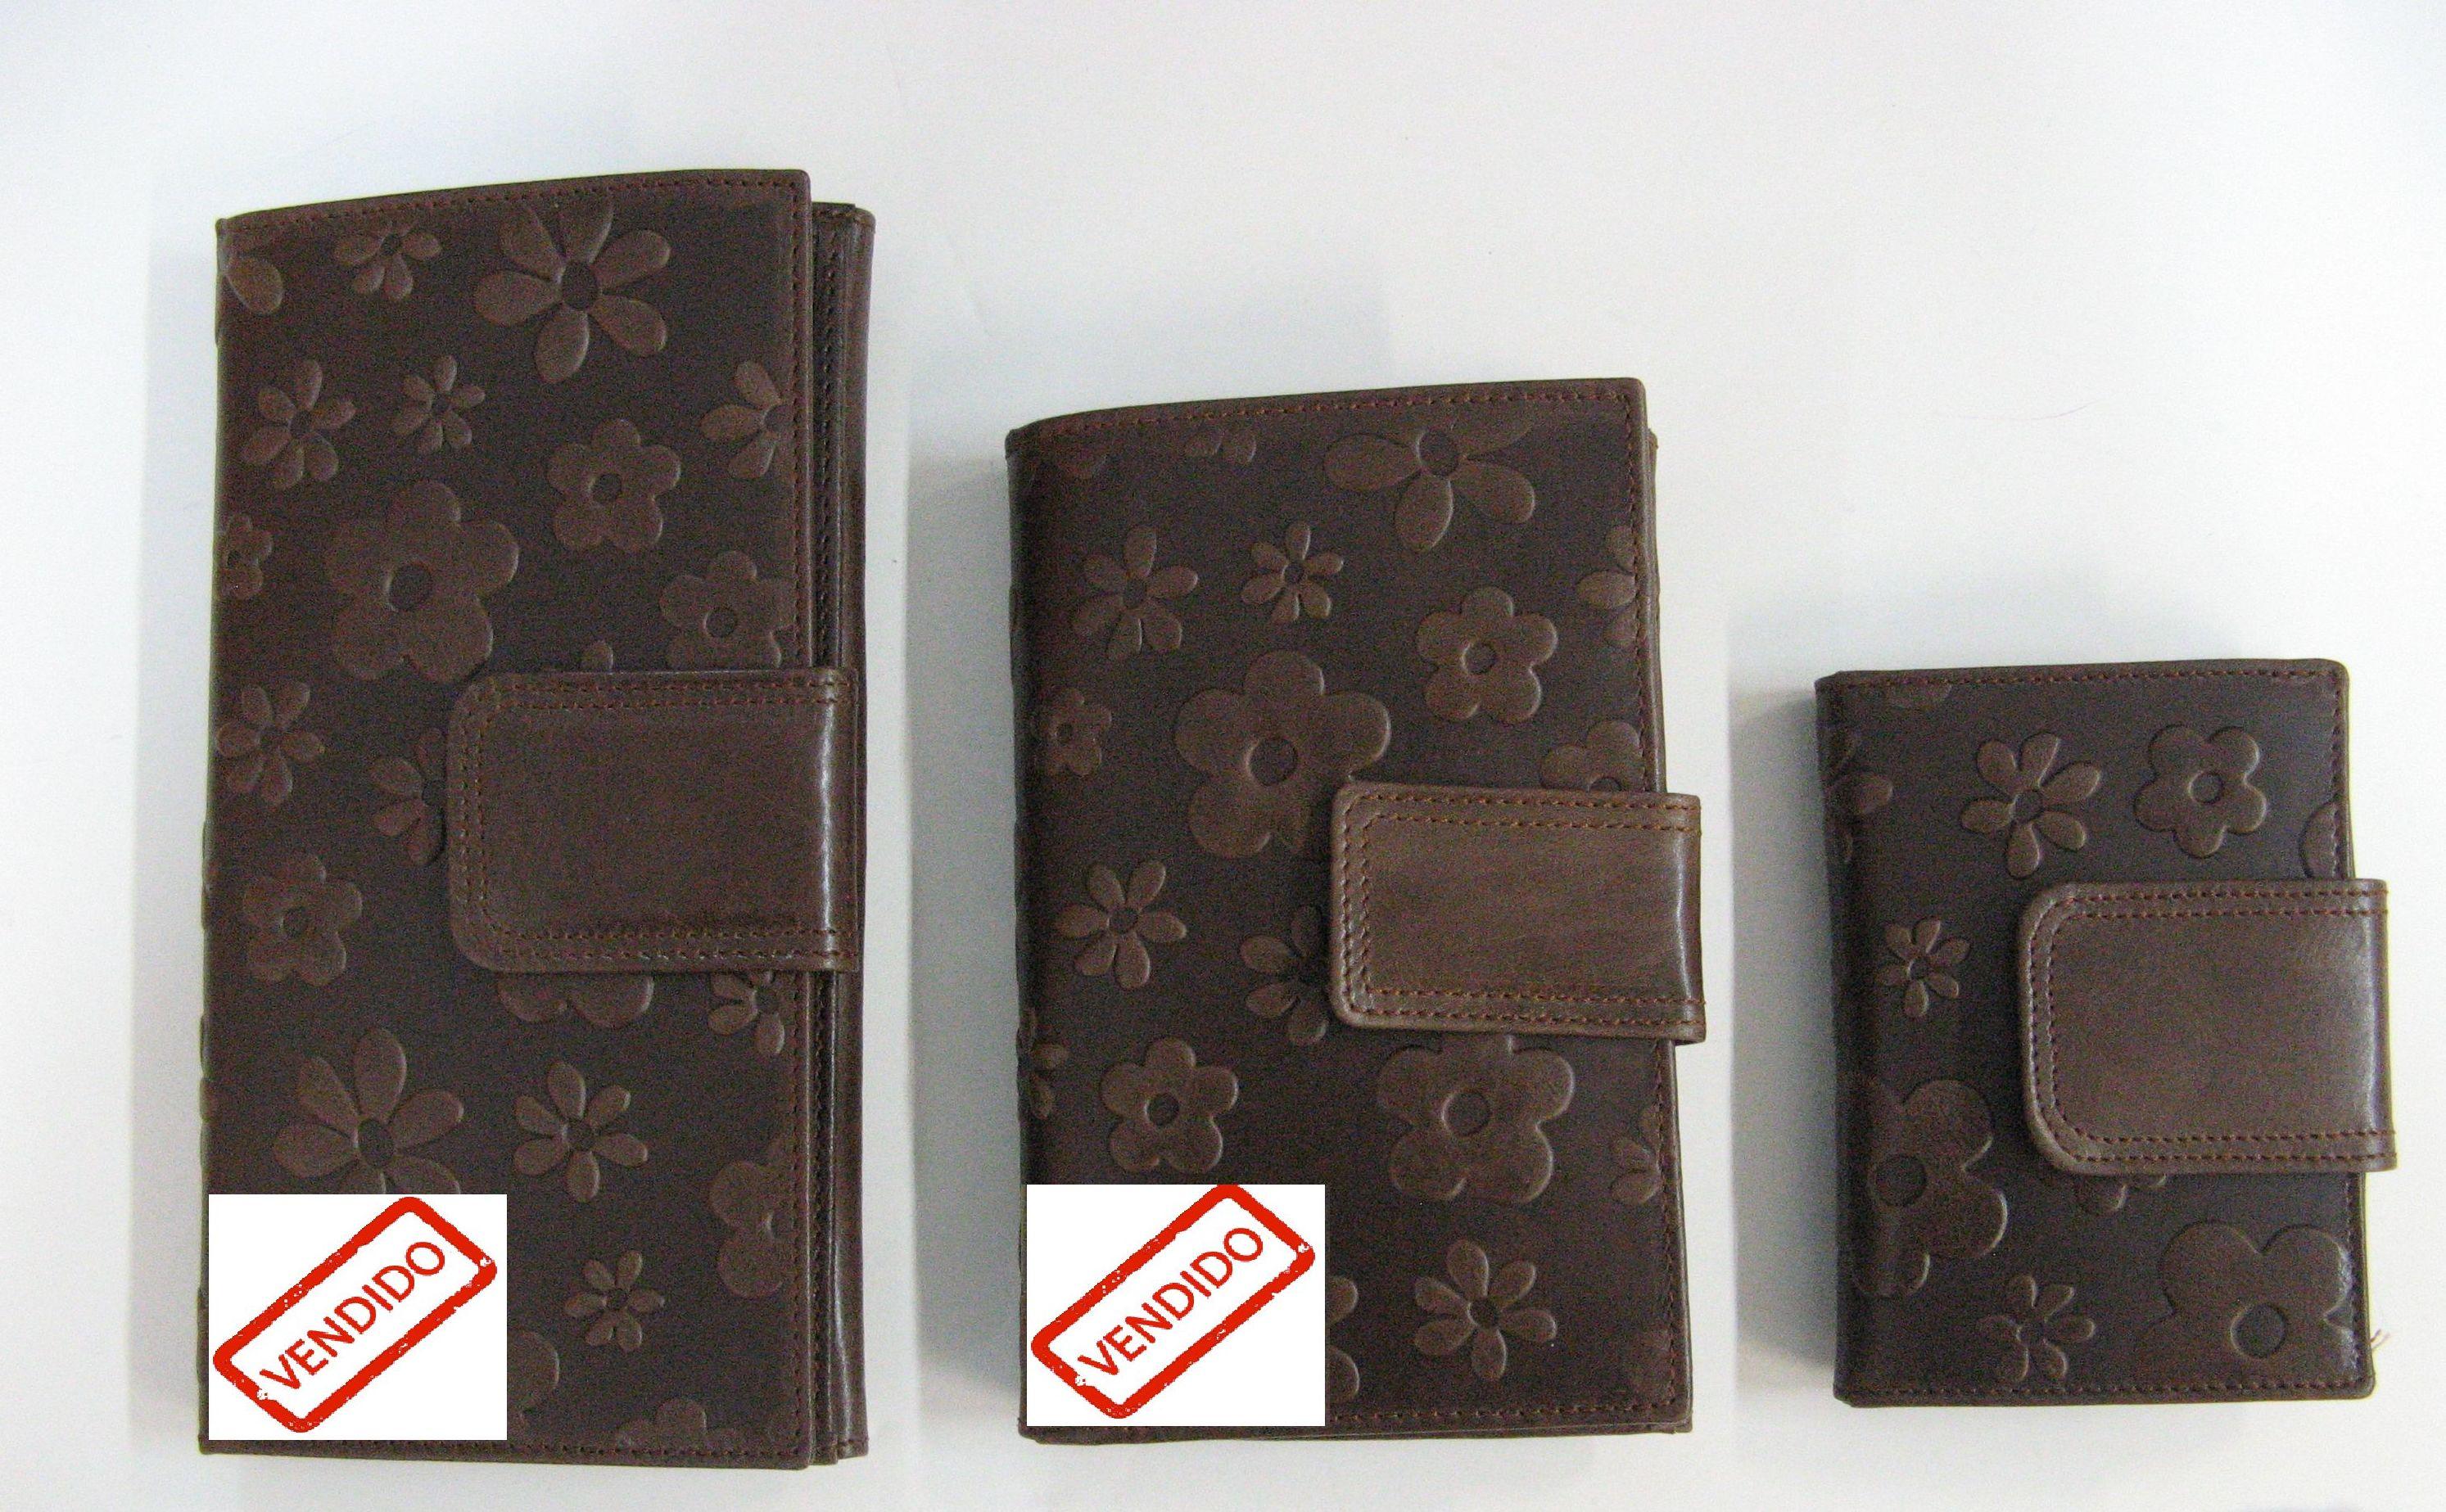 Monedero de piel: Productos de Zapatería Ideal